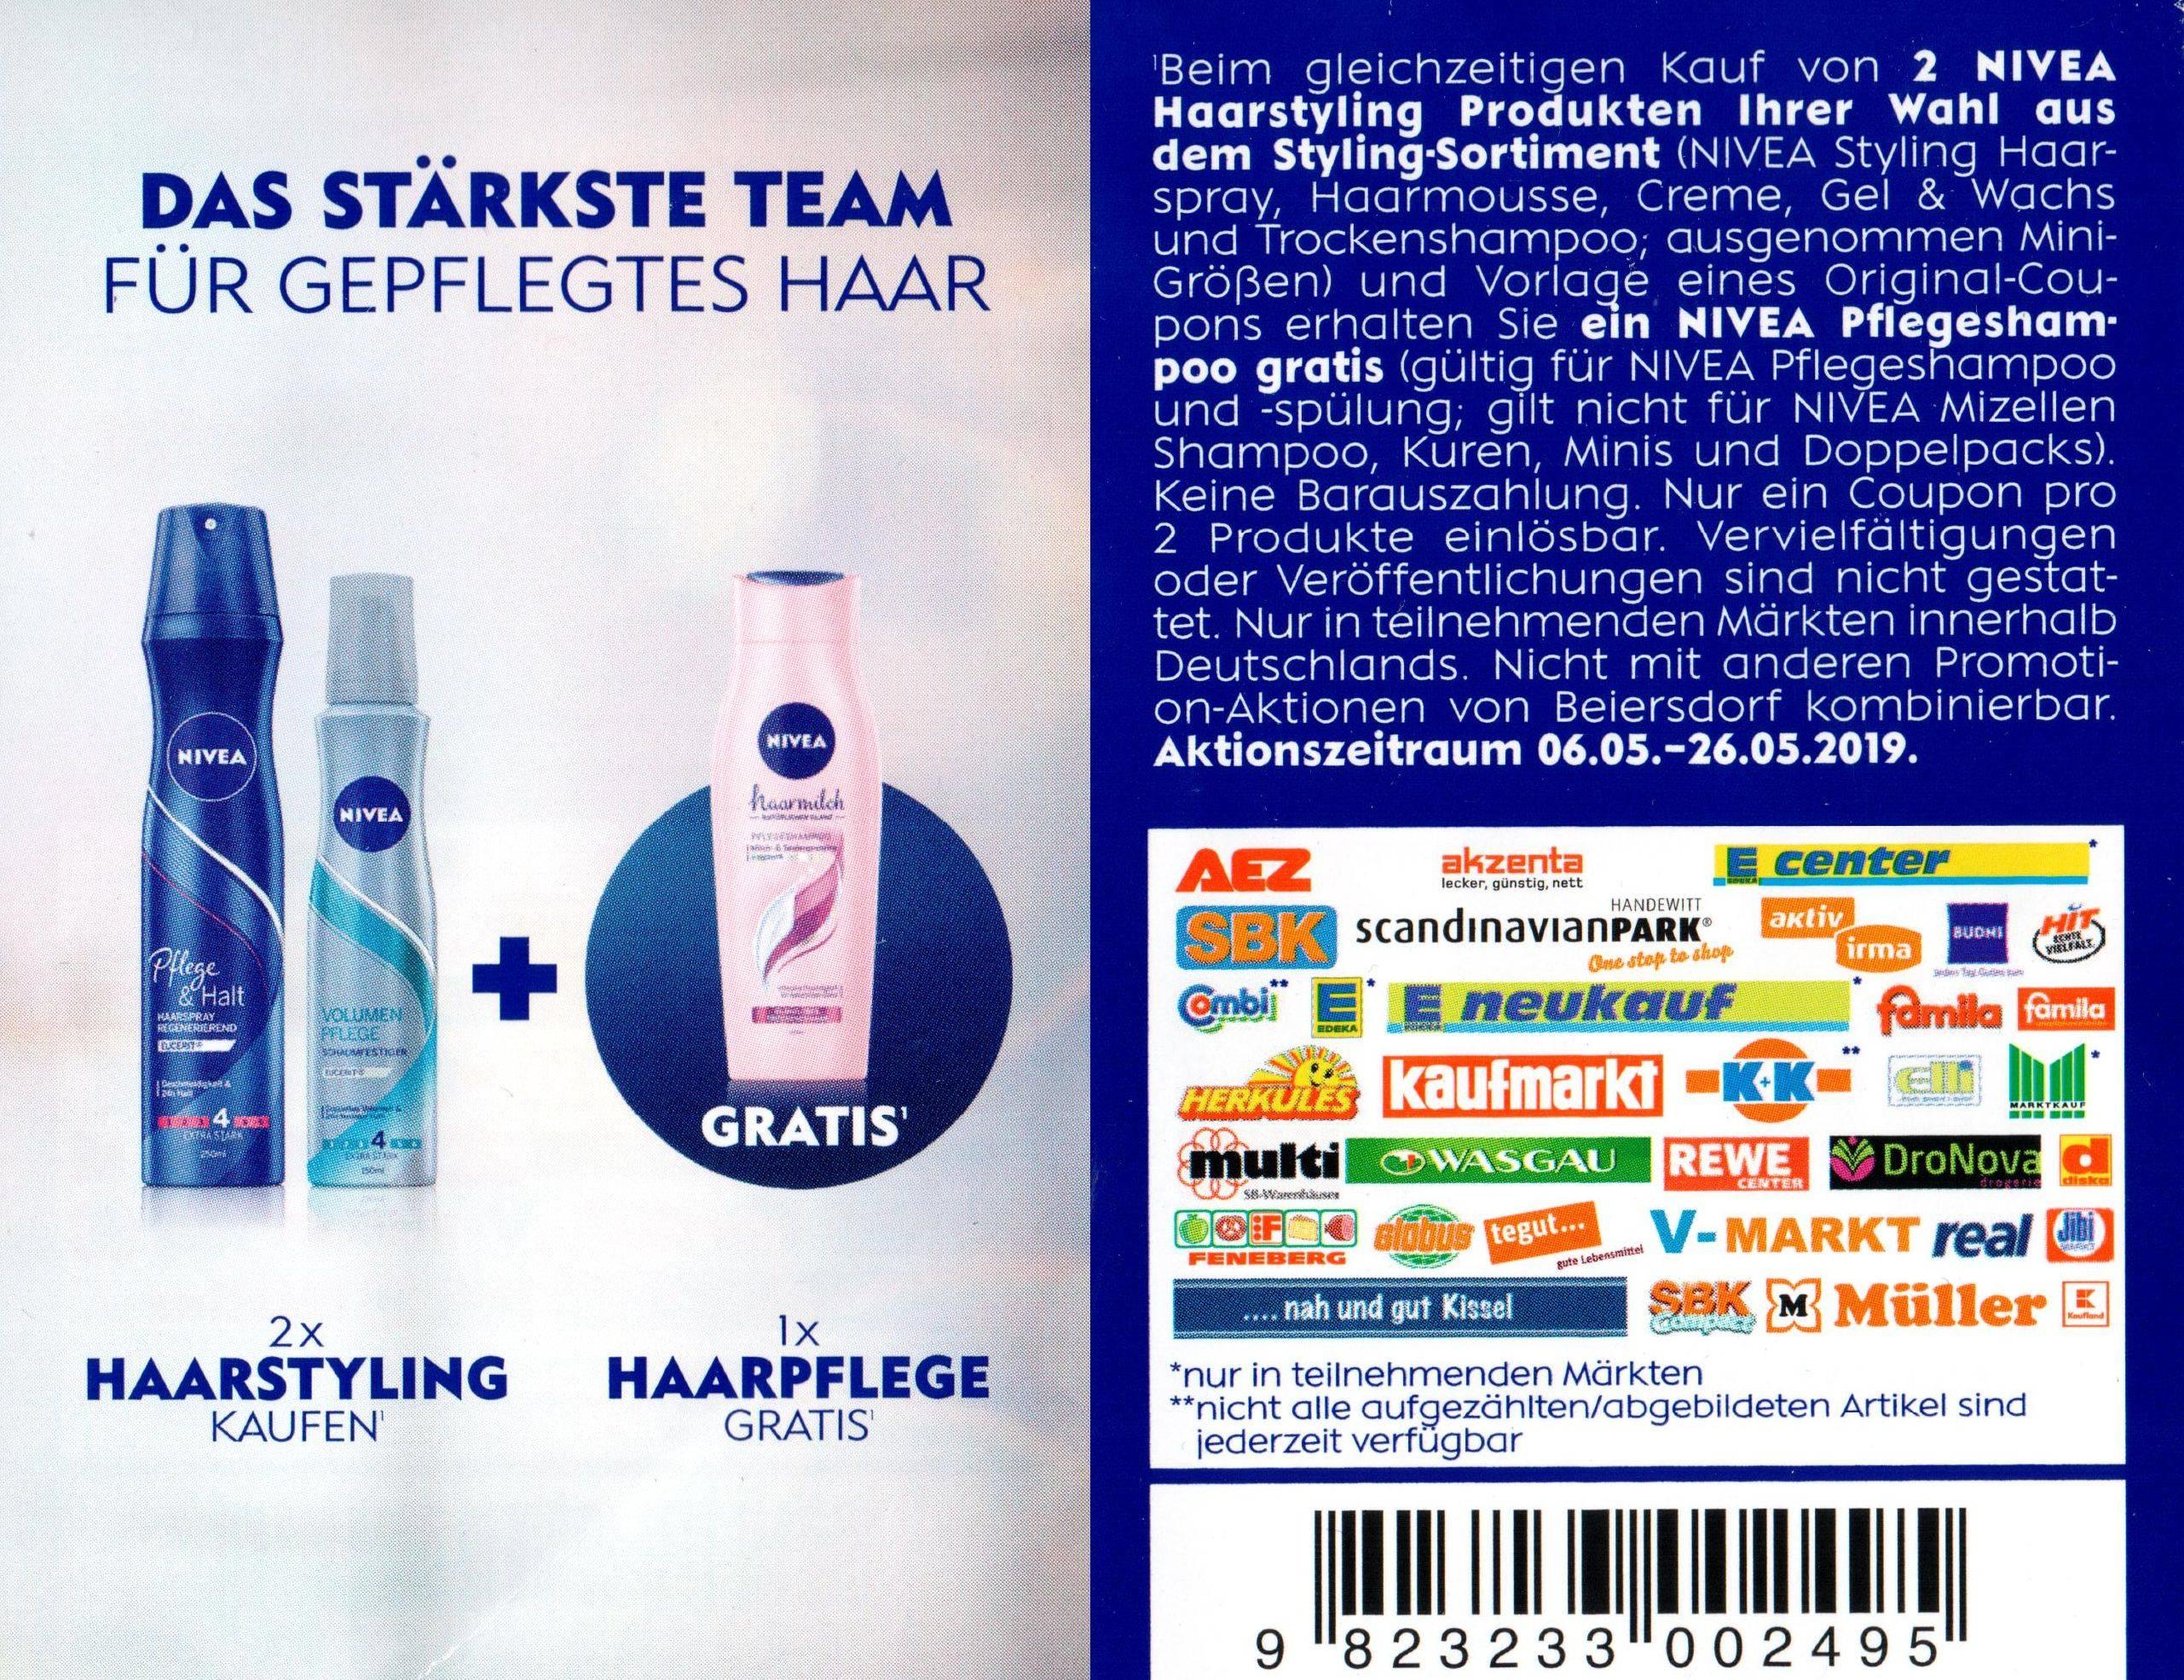 Sofort-Rabatt Coupon für 1 Gratis Nivea Haarpflegeprodukt für den Kauf von 2 Nivea Styling-Produkten bis 26.05.2019